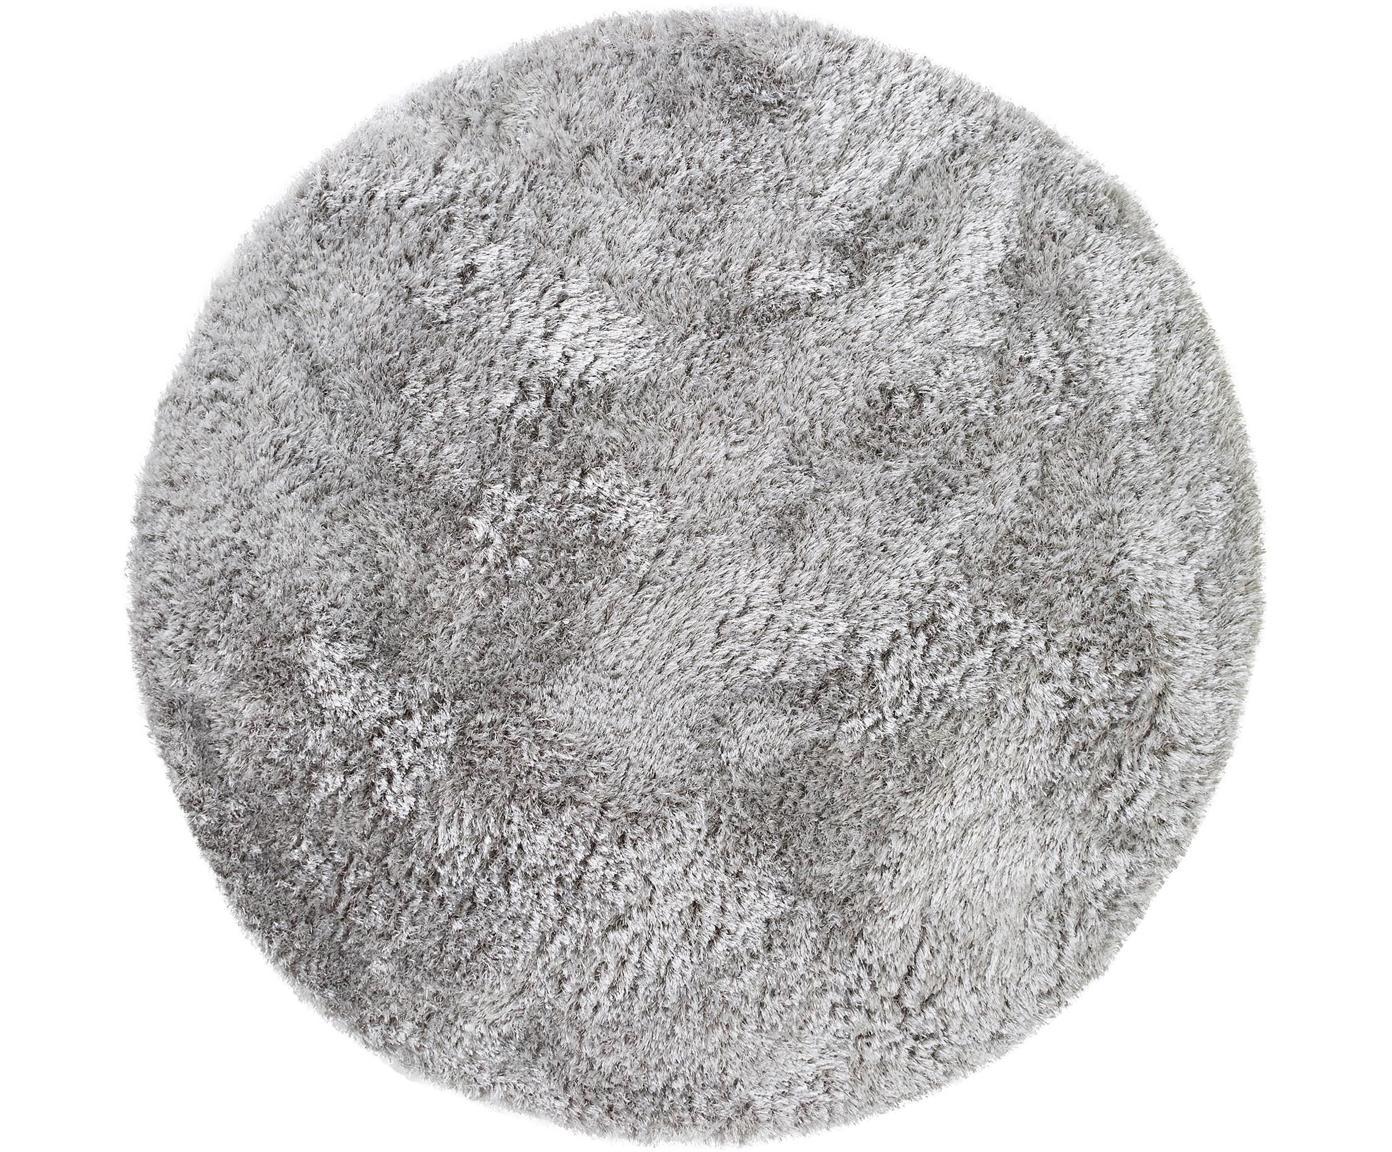 Glanzend hoogpolig vloerkleed Lea, rond, 50% polyester, 50% polypropyleen, Grijs, Ø 120 cm (maat S)